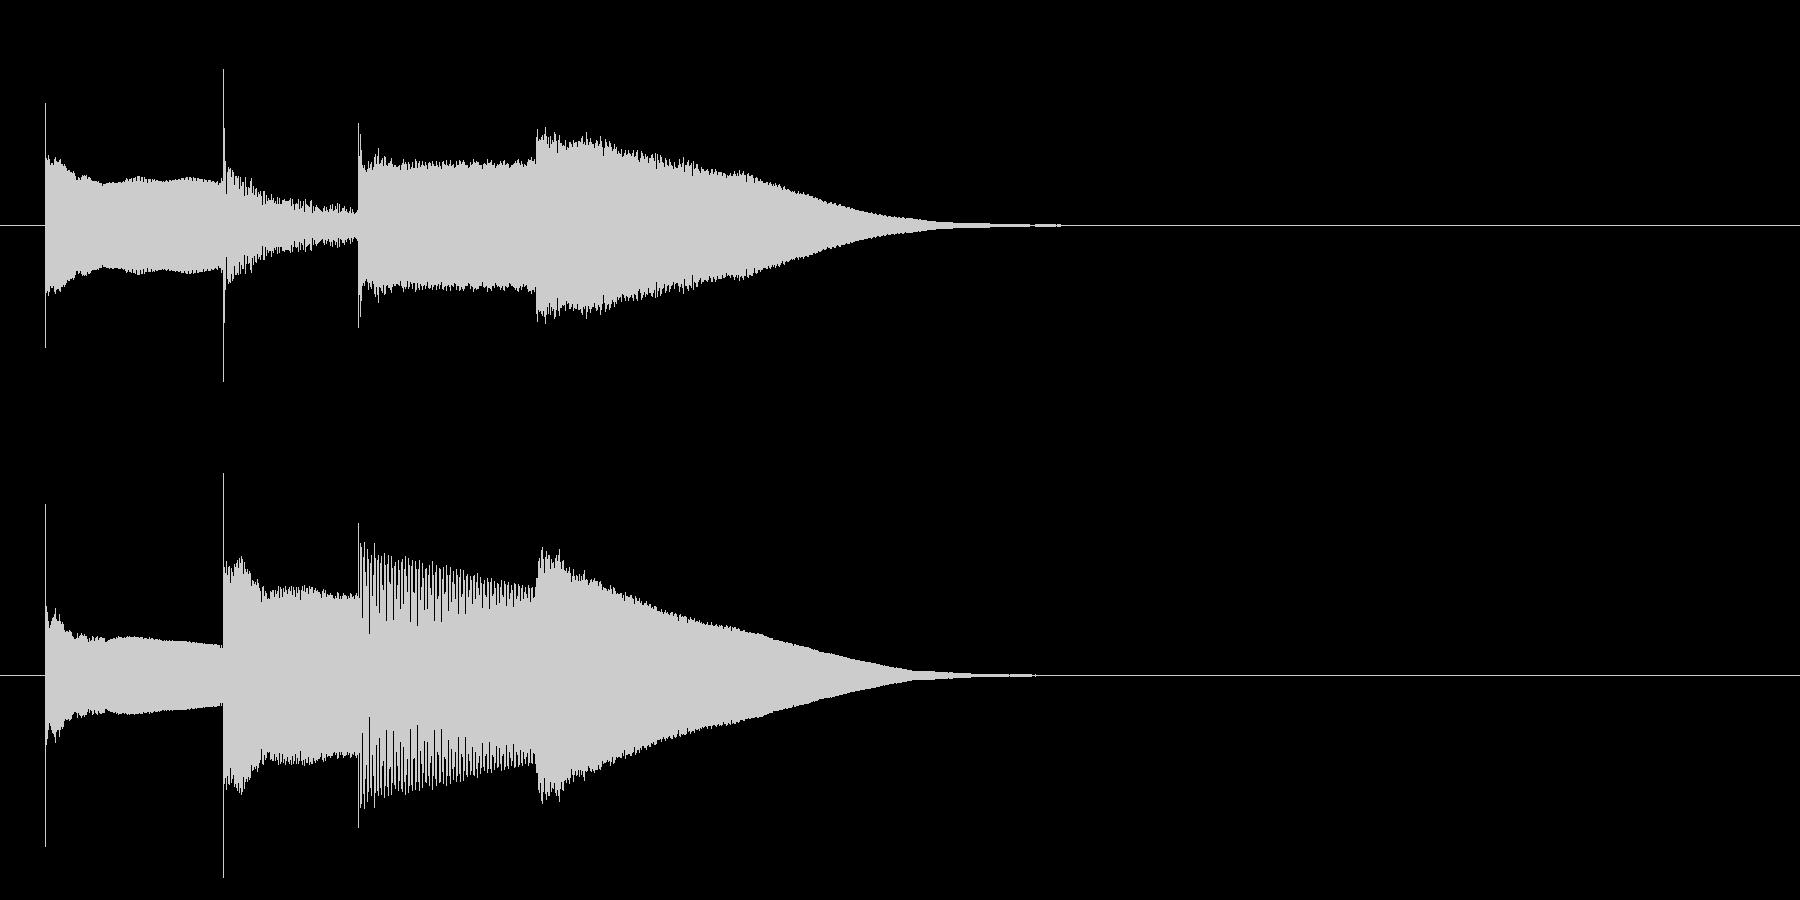 グロッケン系 決定音15(大)の未再生の波形